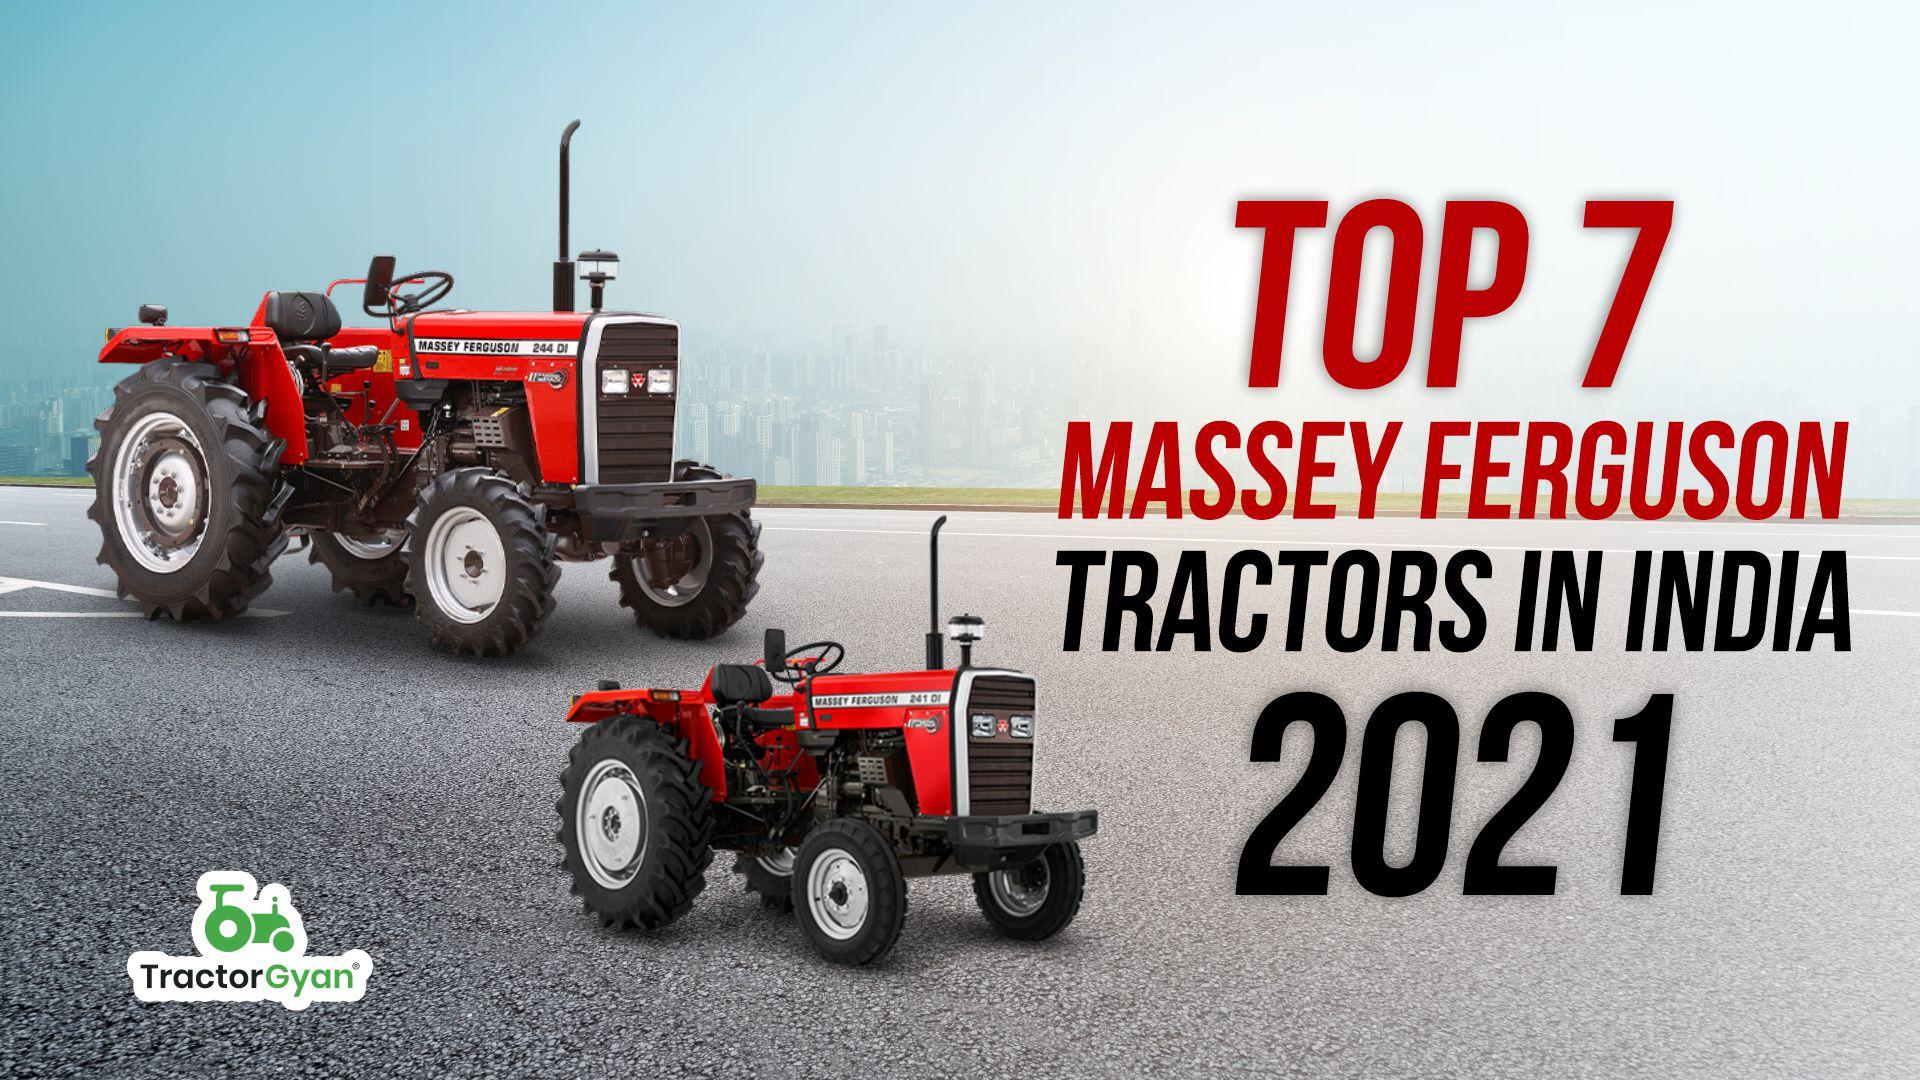 Top 7 Massey Ferguson tractors in India 2021!